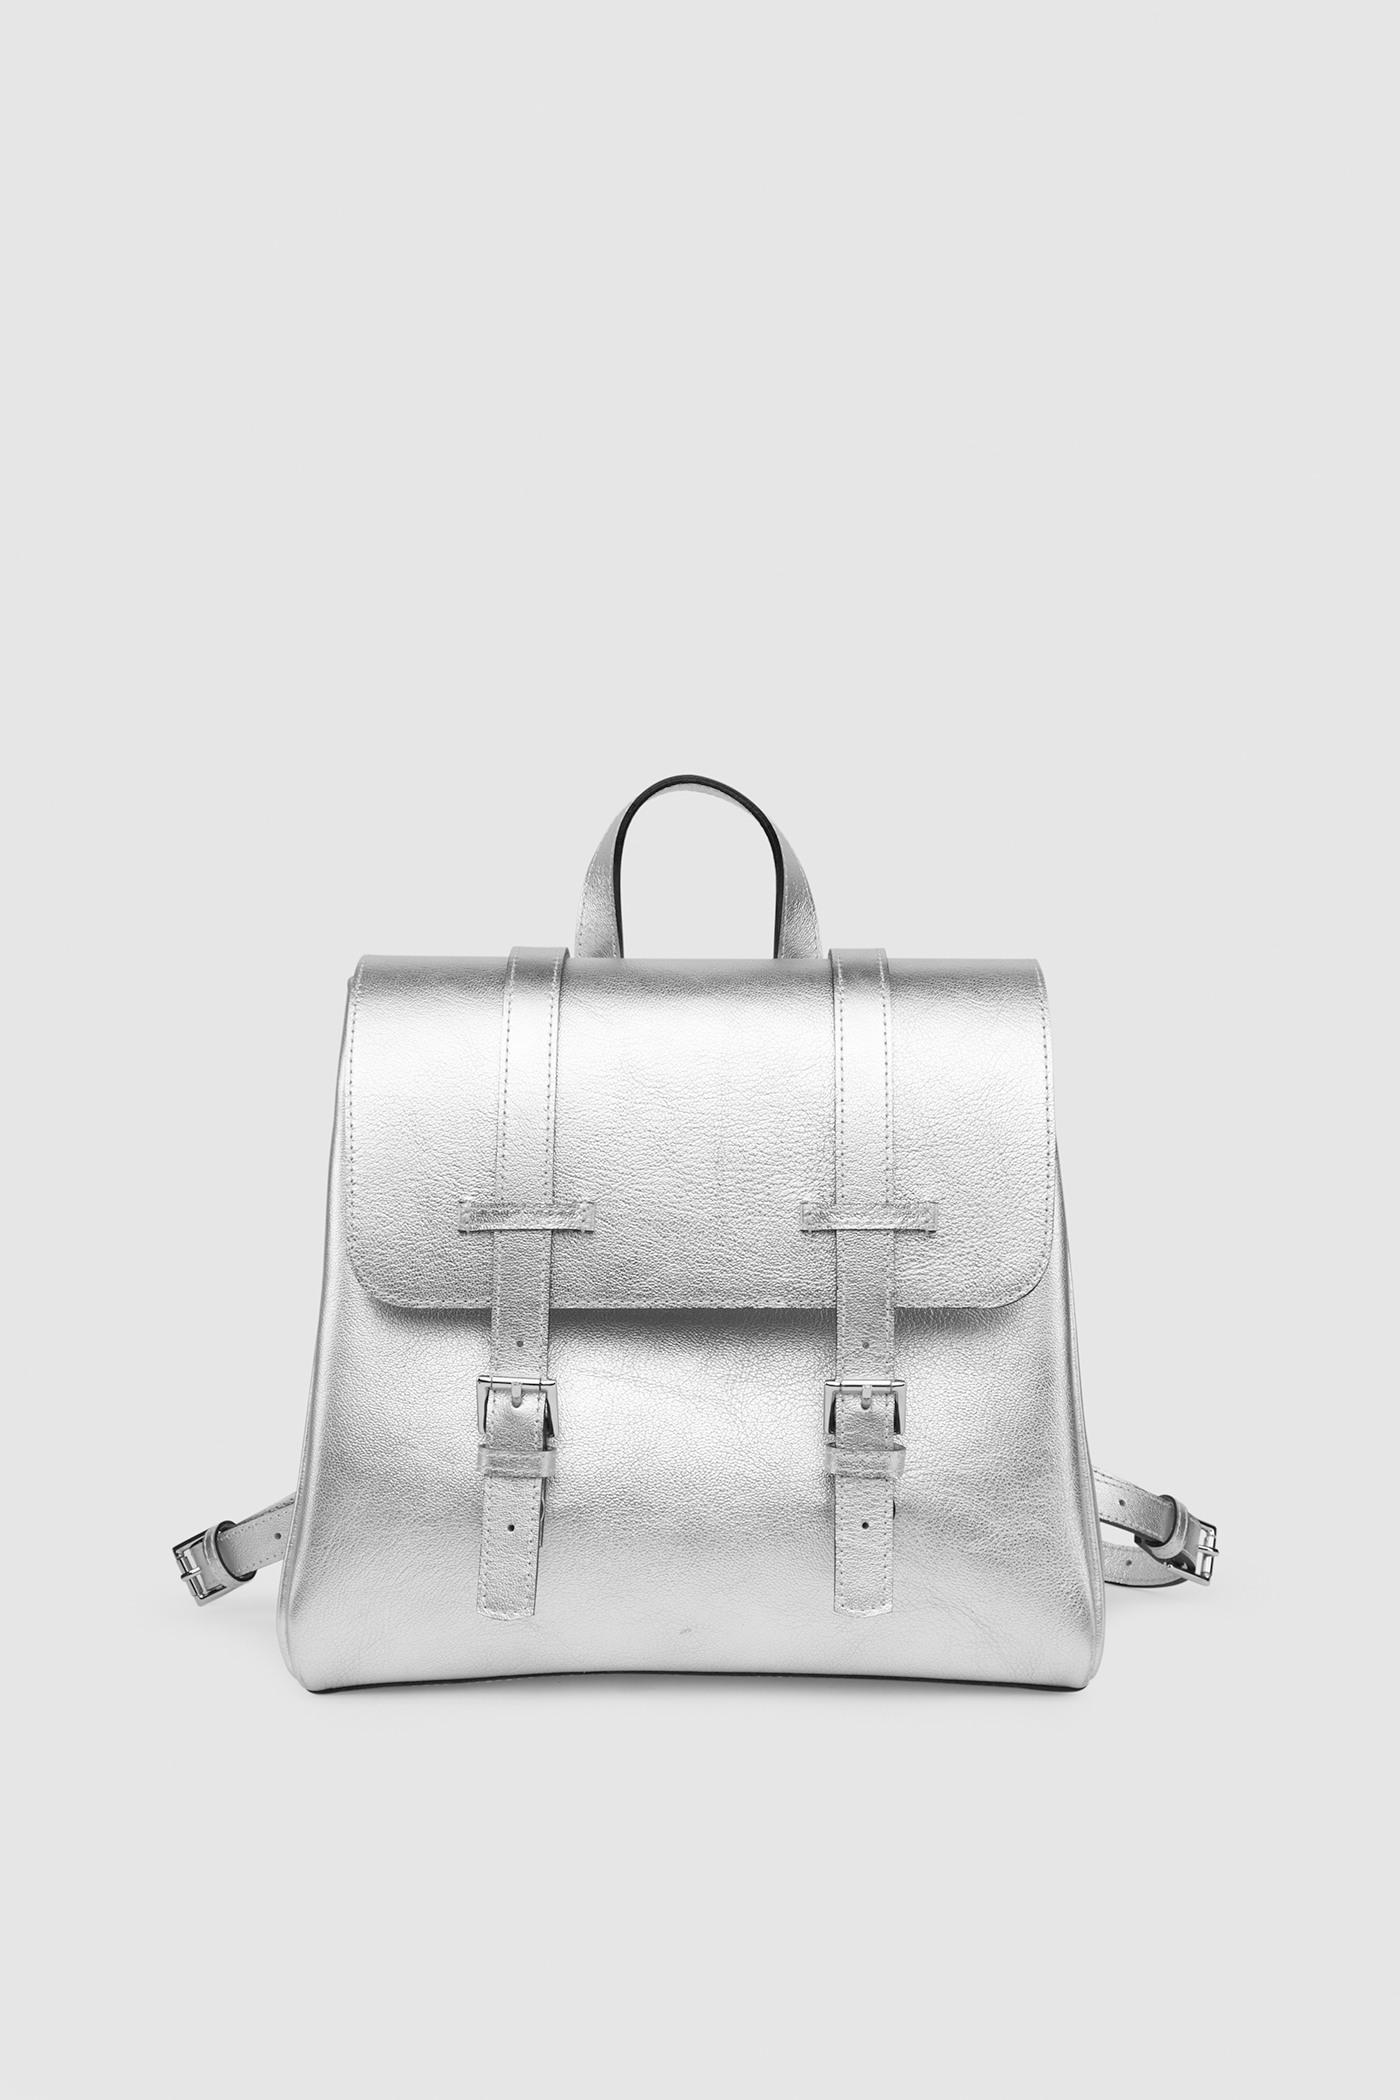 Маленький рюкзакКлассический рюкзак-портфель из высококачественной кожи. Задний карман на молнии. Внутреннее отделение на подкладке с тремя карманами для телефона, ключей и документов. Верхний клапан украшен полированной фурнитурой серебряного цвета и застегивается на потайные замки-магниты.&#13;<br>&#13;<br>&#13;<br>если перестегнуть лямки, рюкзак превращается в сумку через плечо&#13;<br>&#13;<br>держит форму&#13;<br>&#13;<br>съемные лямки на регуляторах&#13;<br>&#13;<br>фурнитура серебряного цвета&#13;<br>&#13;<br>защита нижних кантов от износа двойным дном&#13;<br>&#13;<br>тканная подкладка&#13;<br>&#13;<br>прилагается чехол для хранения&#13;<br>&#13;<br>&#13;<br>Высота: 24,5 см&#13;<br>Длина: 26 &gt; 24 см&#13;<br>Глубина: 9,5 см&#13;<br>Высота ремешка: max 93 - min 69 см&#13;<br>Длина ручки: 22 см&#13;<br>Вес изделия: 1кг.<br><br>Цвет: Серебро